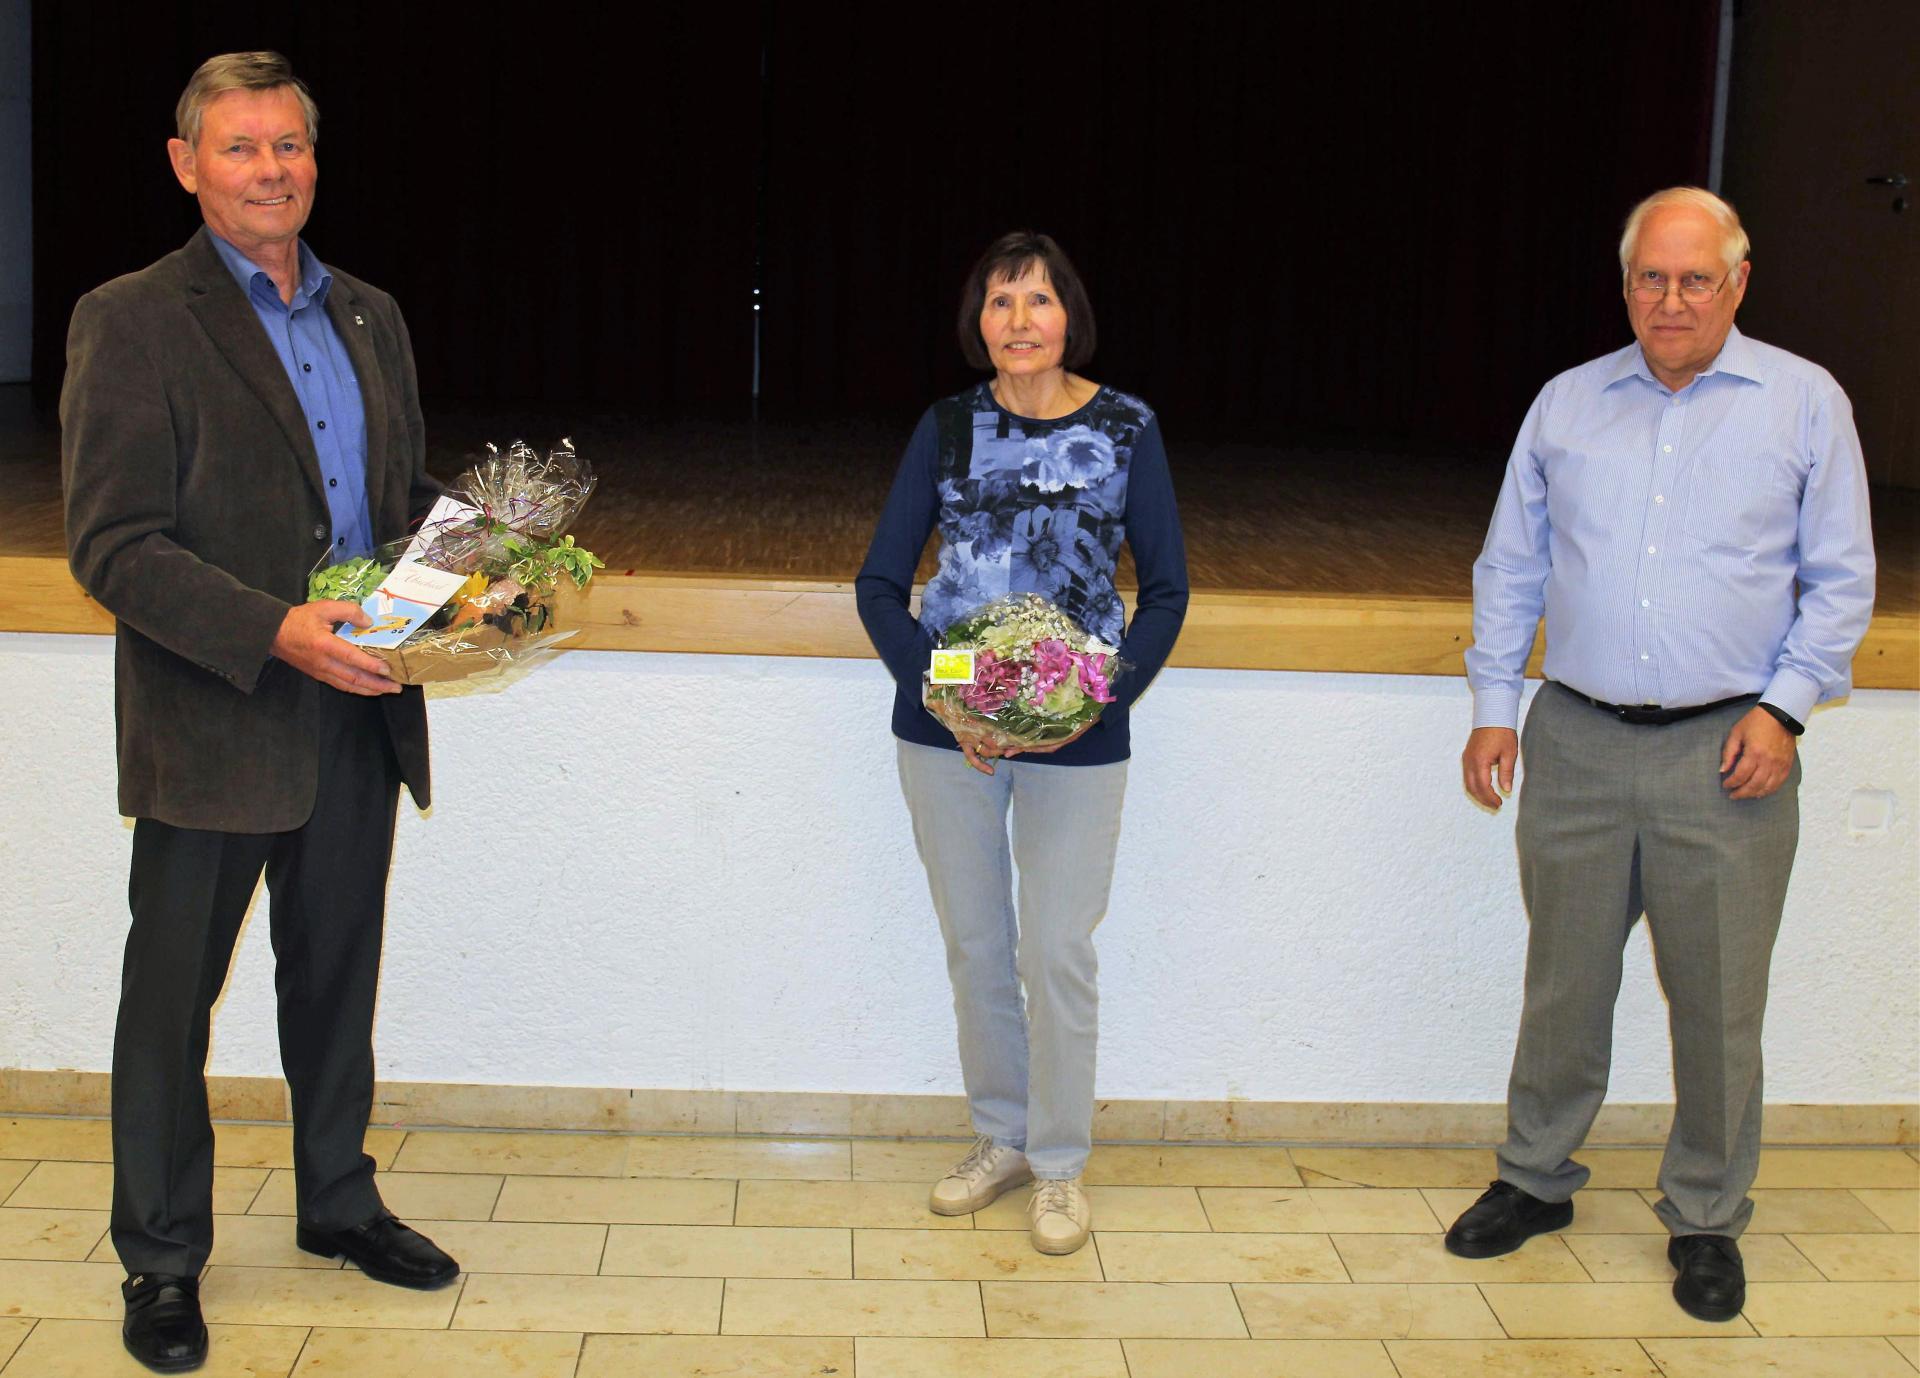 v.l.n.r.: Günter Klar, Irmela Schulze und Karl Ost